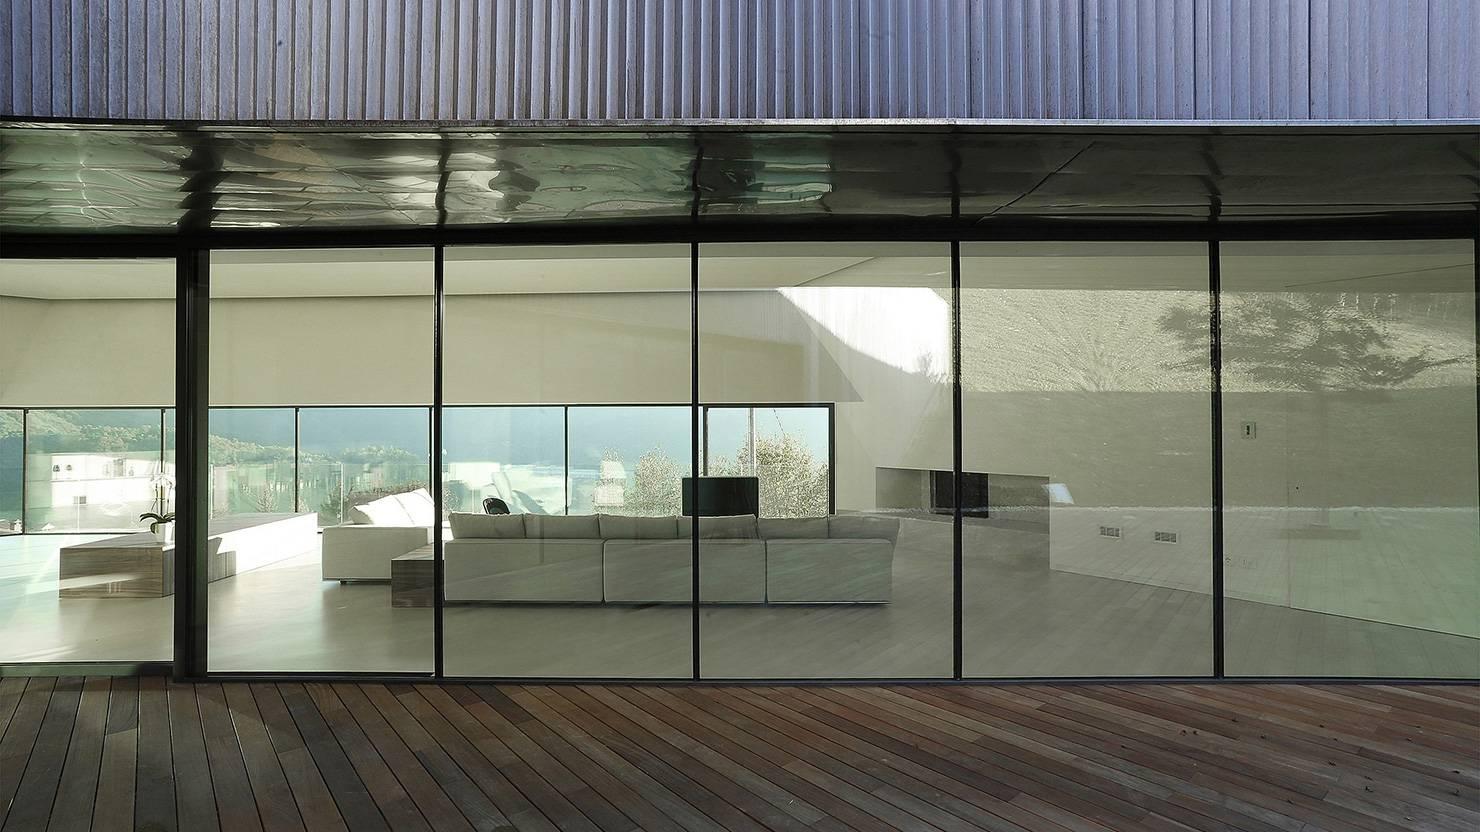 EBE85AS-serramenti-acciaio-zincato-camillo-botticini-architect-5_project_big